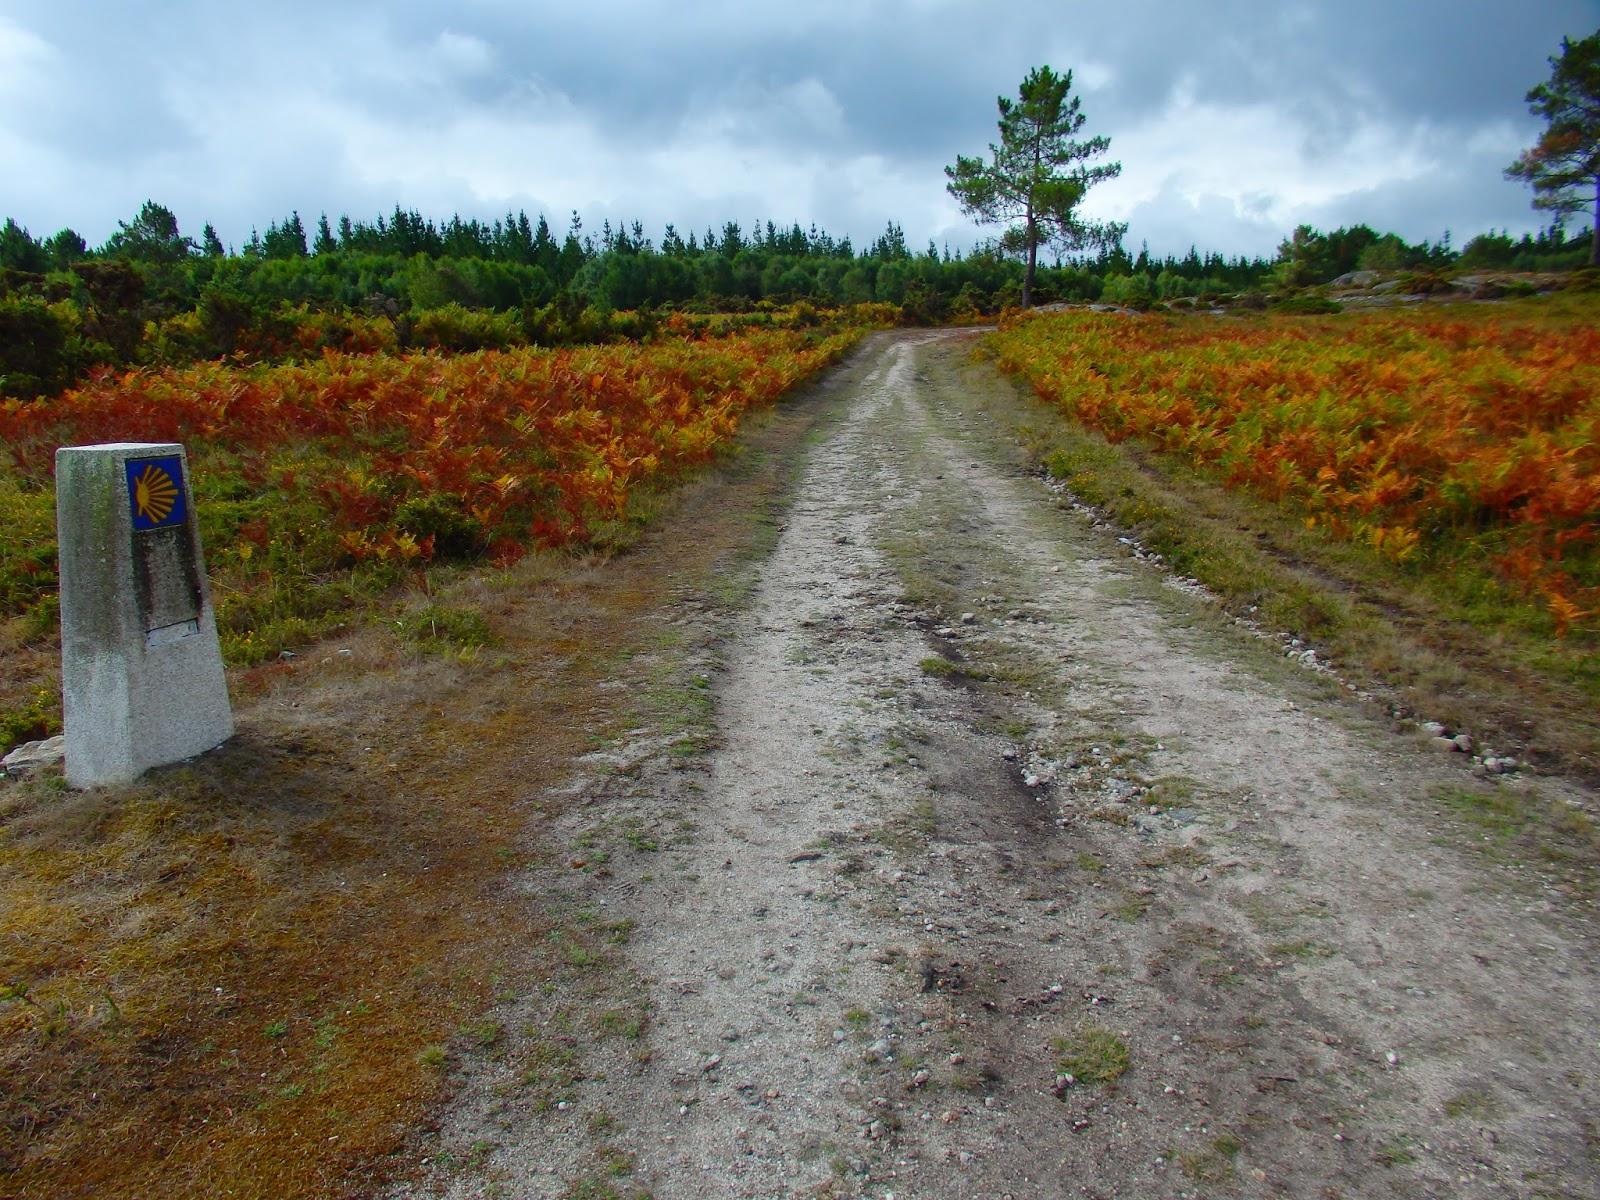 Alto Da Mamoa Y A Serra Da Cova Da Serpe Las Leyendas De La Serpiente Devoradora Divisoria Entre Lugo Y A Coruna Galicia